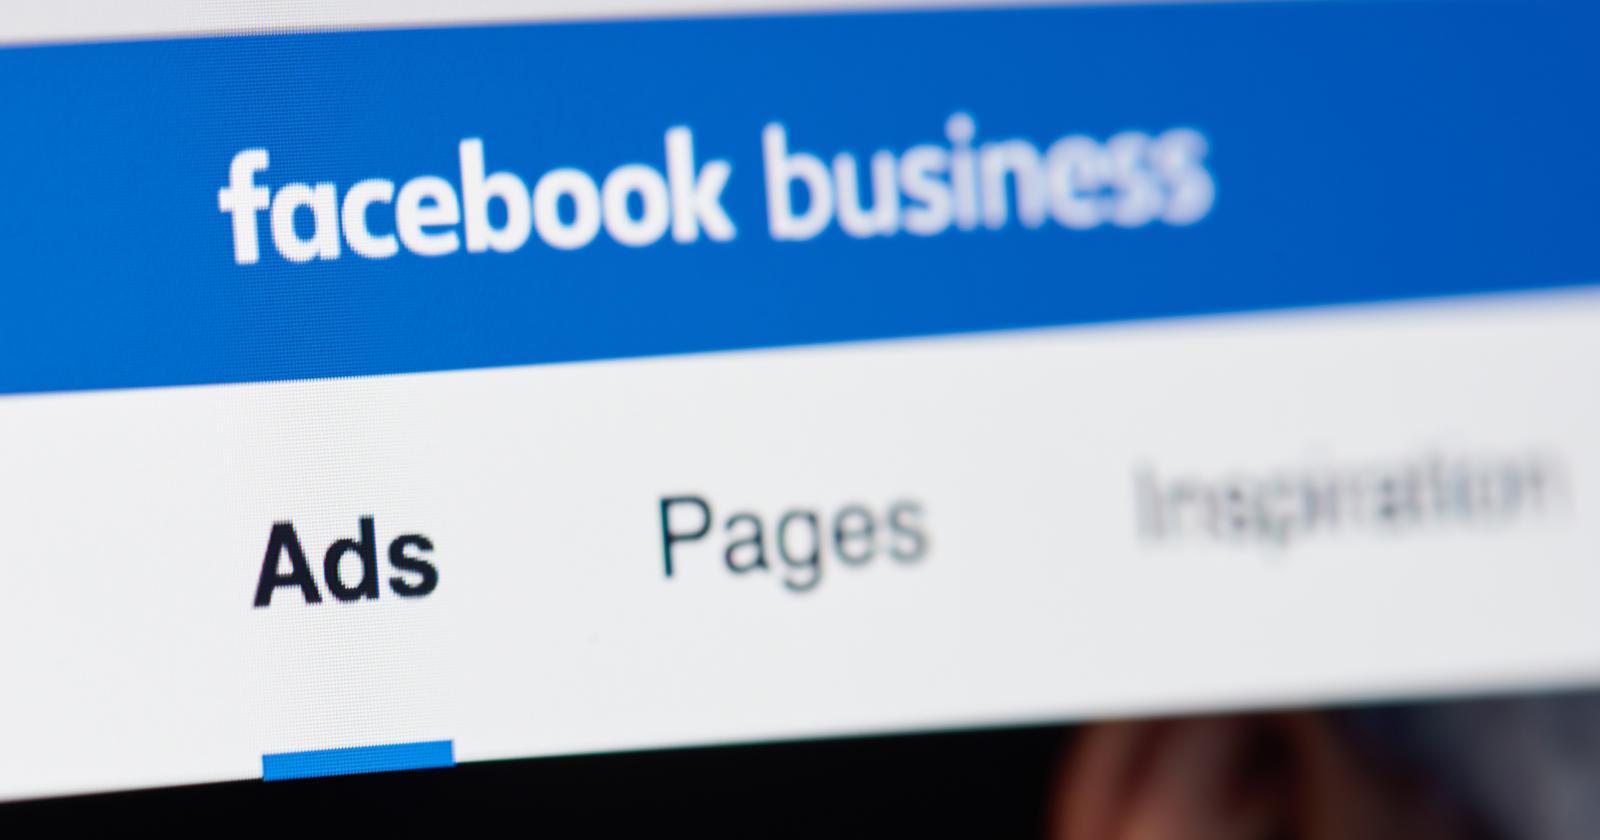 Facebook Tiếp tục tạo tính minh bạch của quảng cáo trong luồng 2